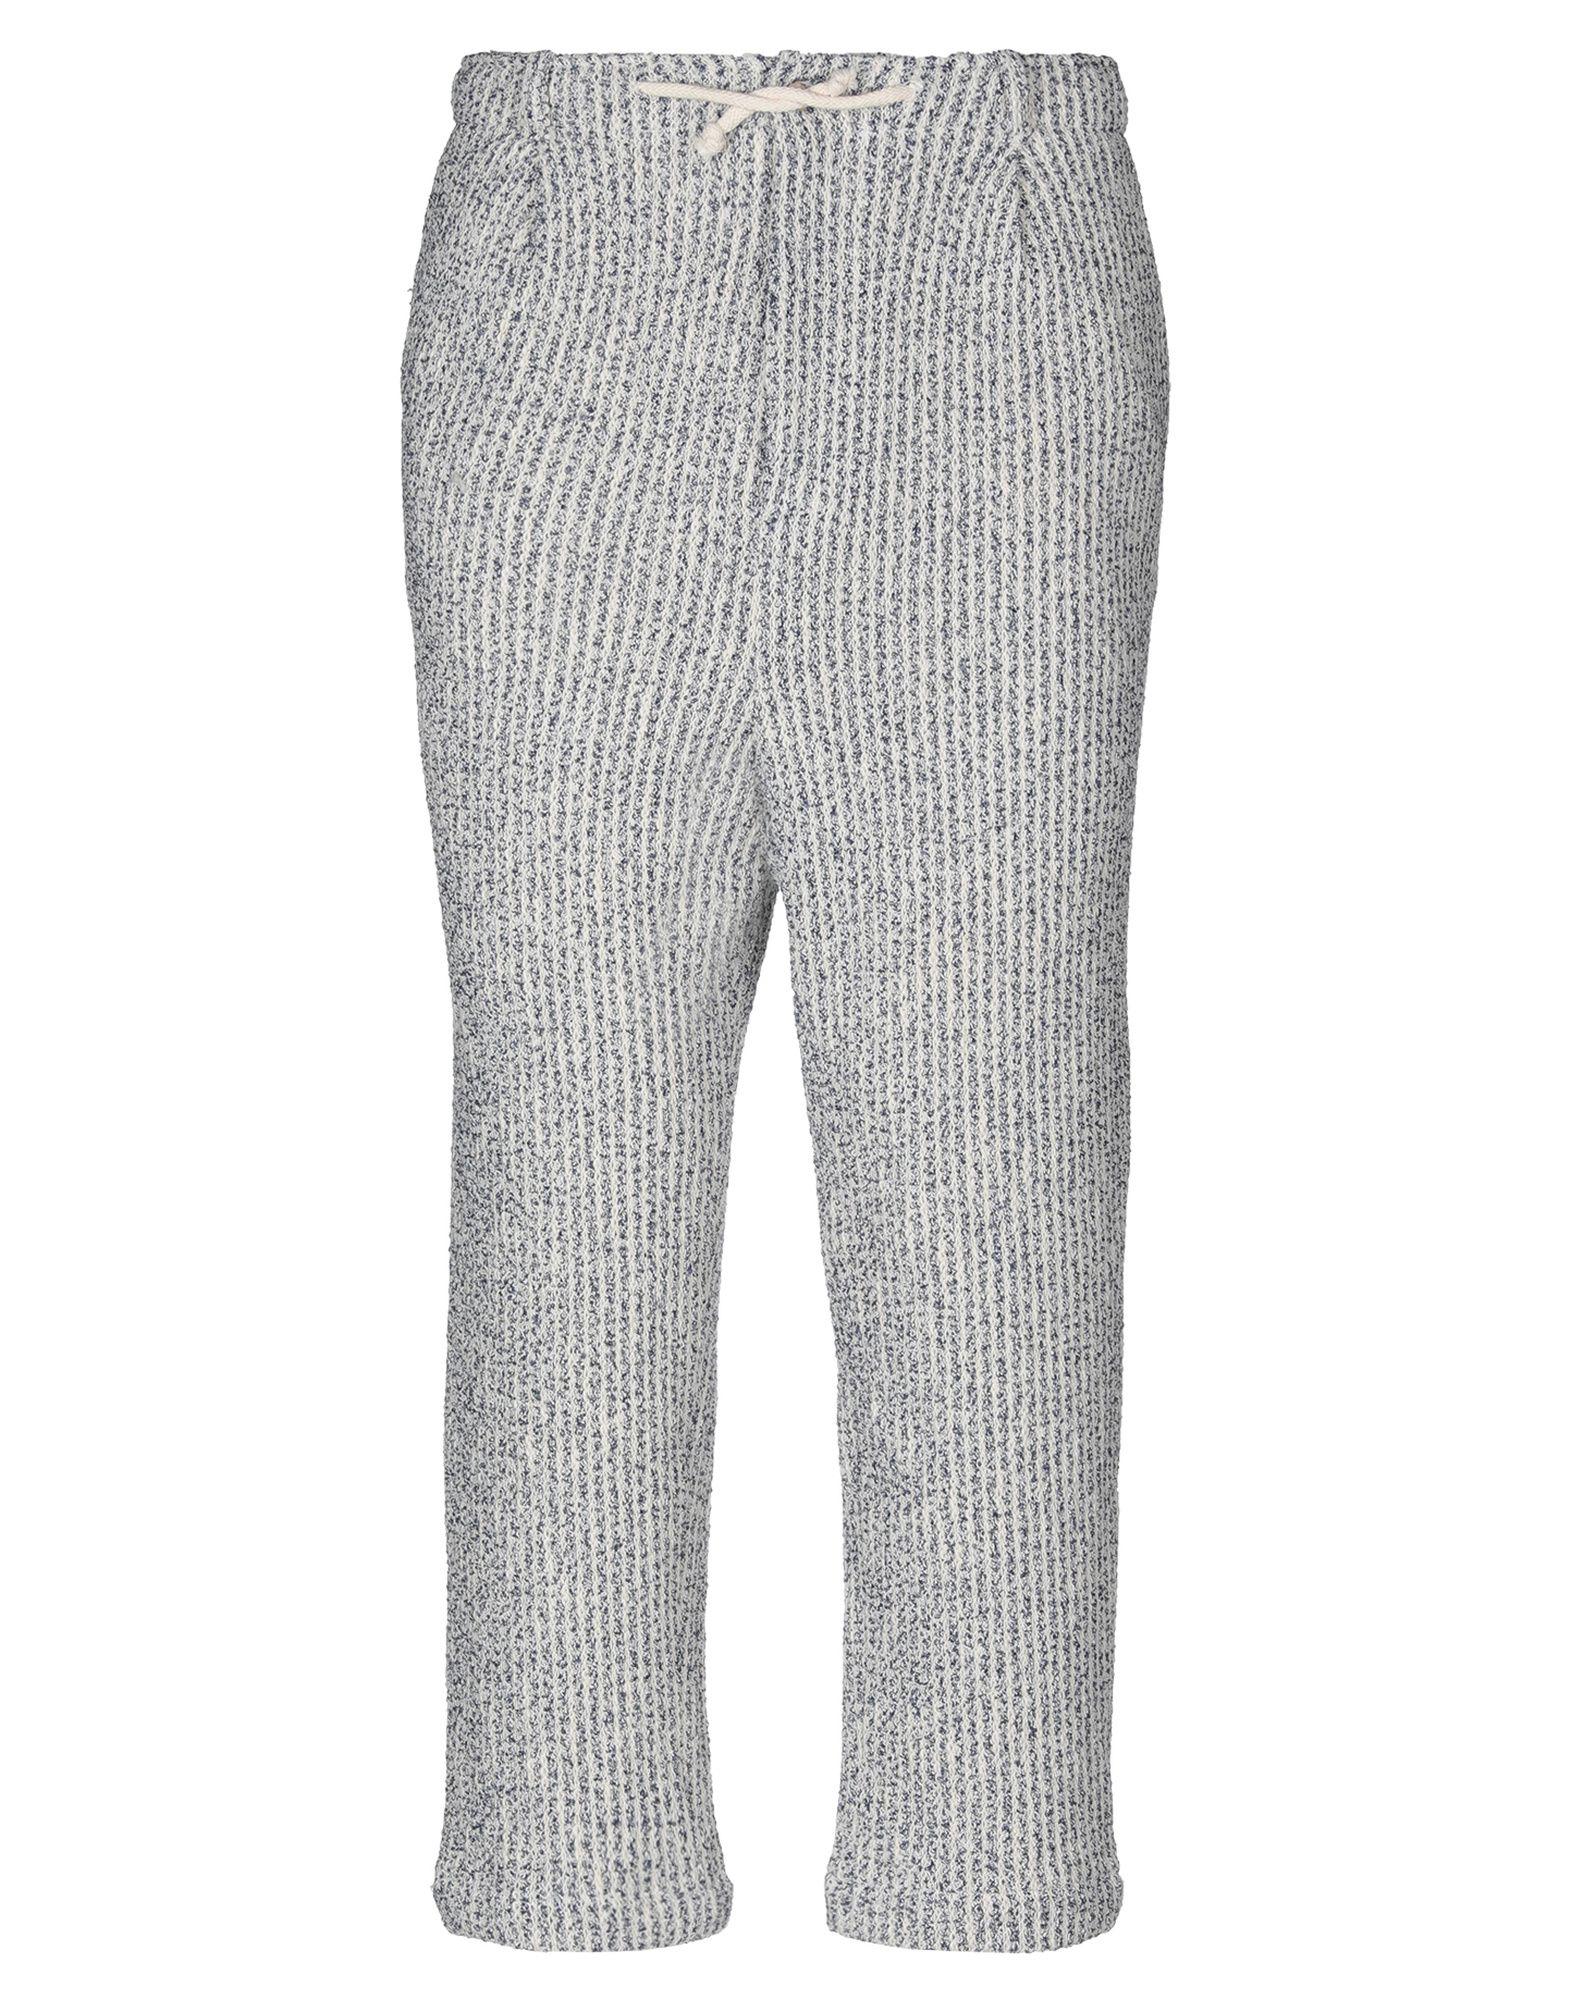 Pantalone Berna Berna uomo - 13338888NE  Modegeschäft zu verkaufen